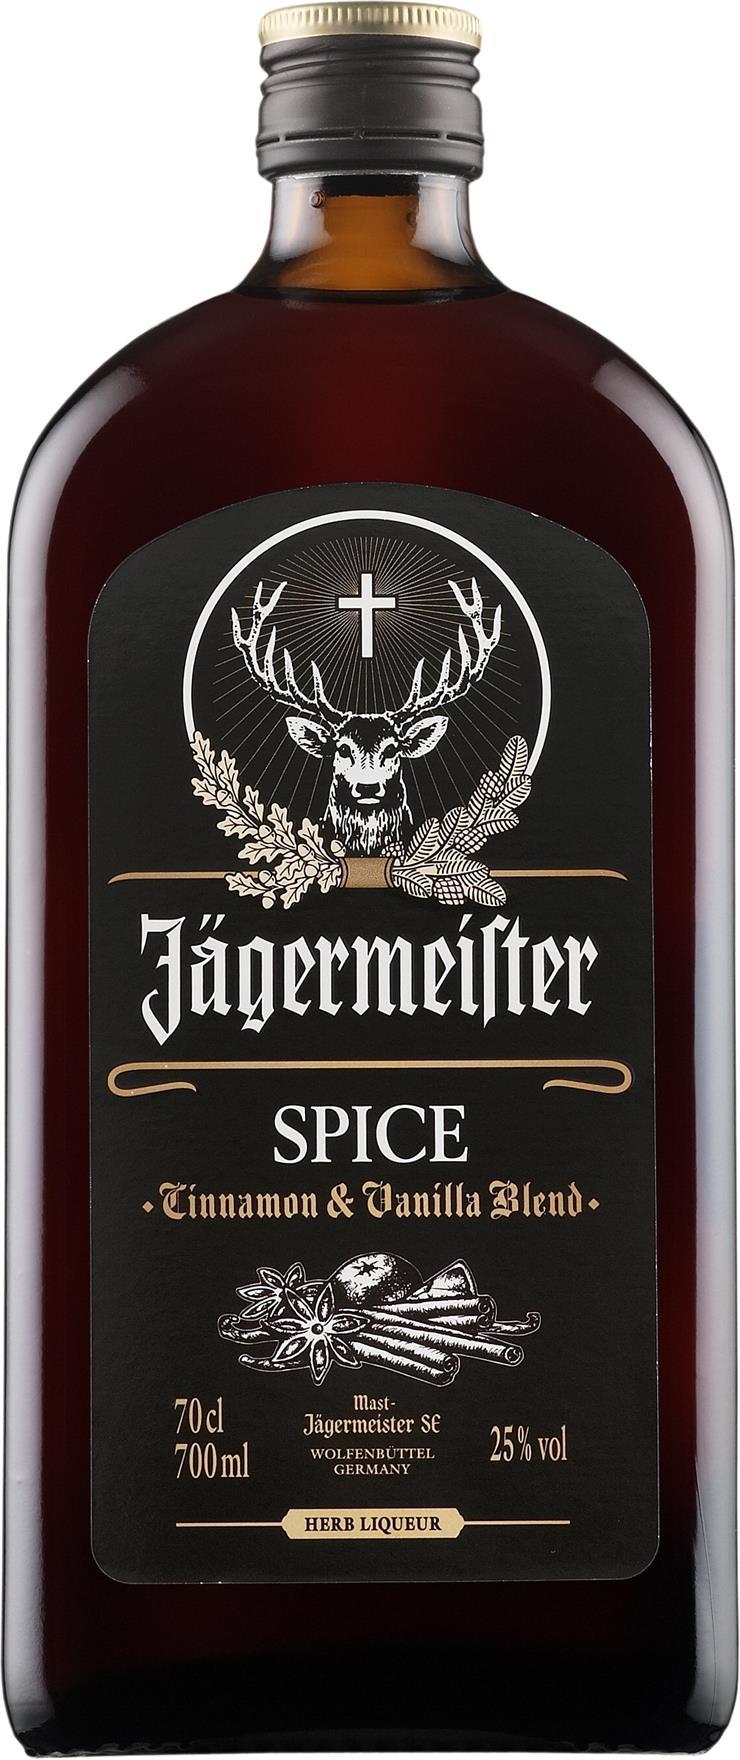 Jägermeister Spice (0.7 l) - mausteliköörit - Saksa - 115837 - Viinikartta.fi